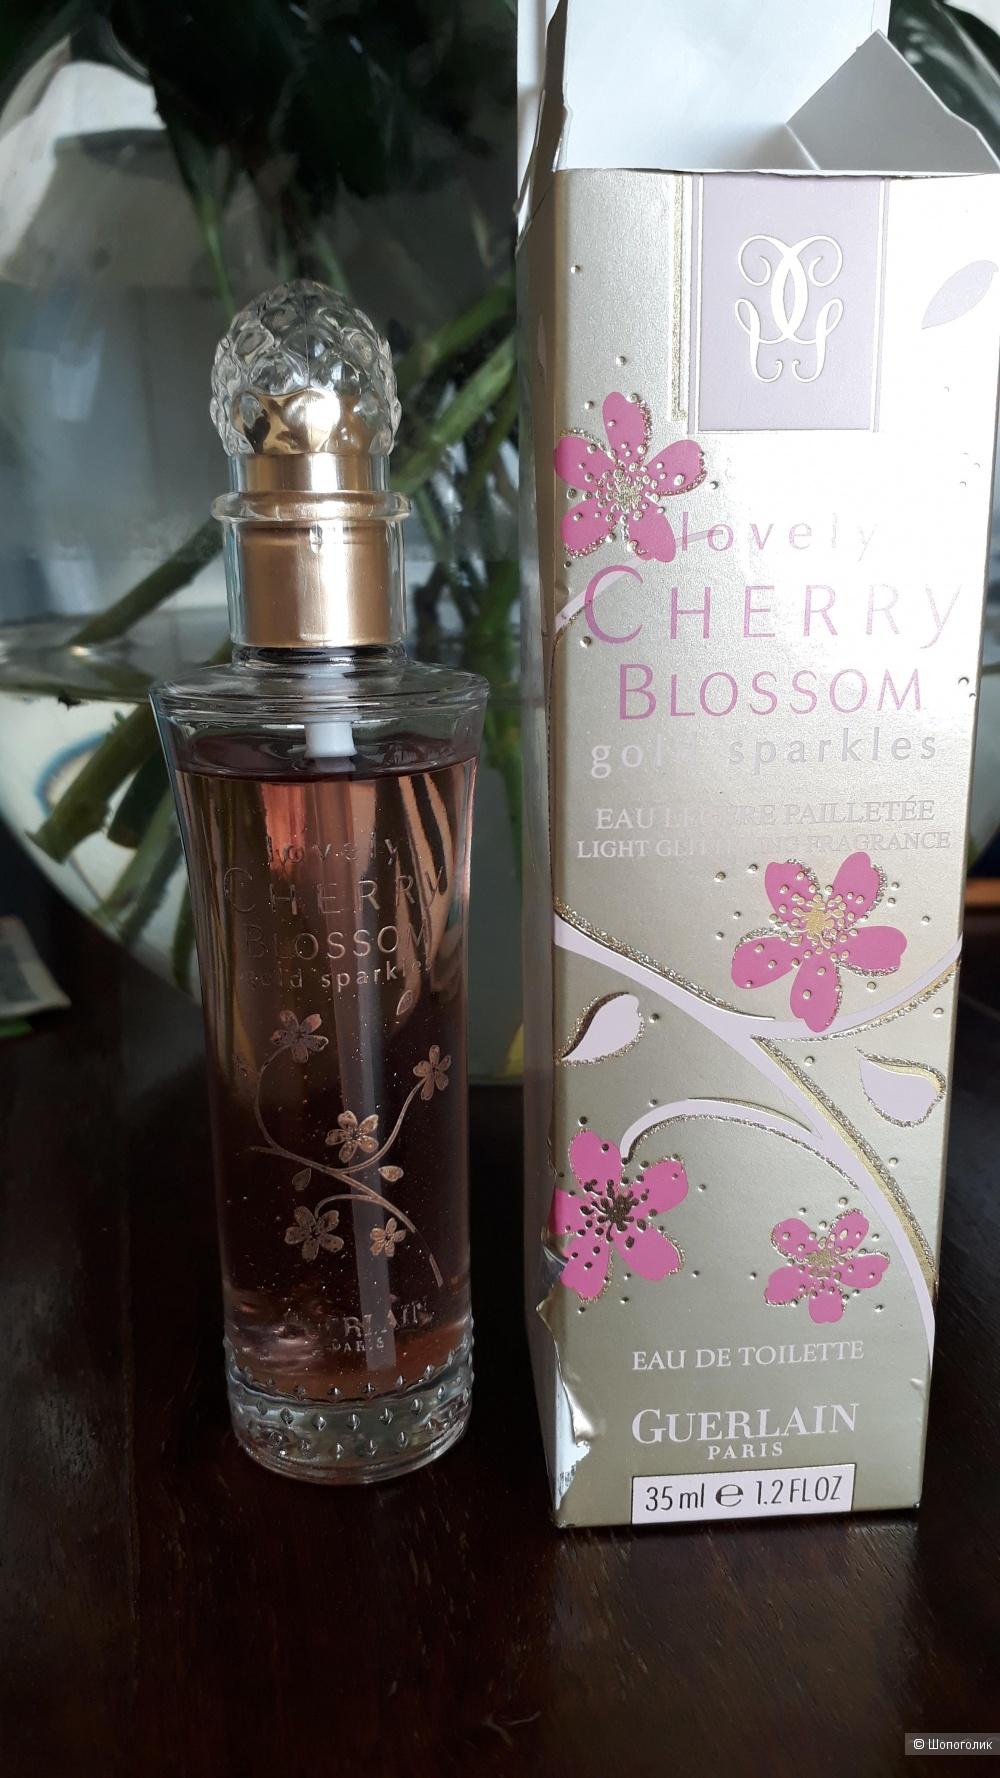 Lovely Cherry Blossom Gold Sparkles Guerlain EDT (32 из 35мл)